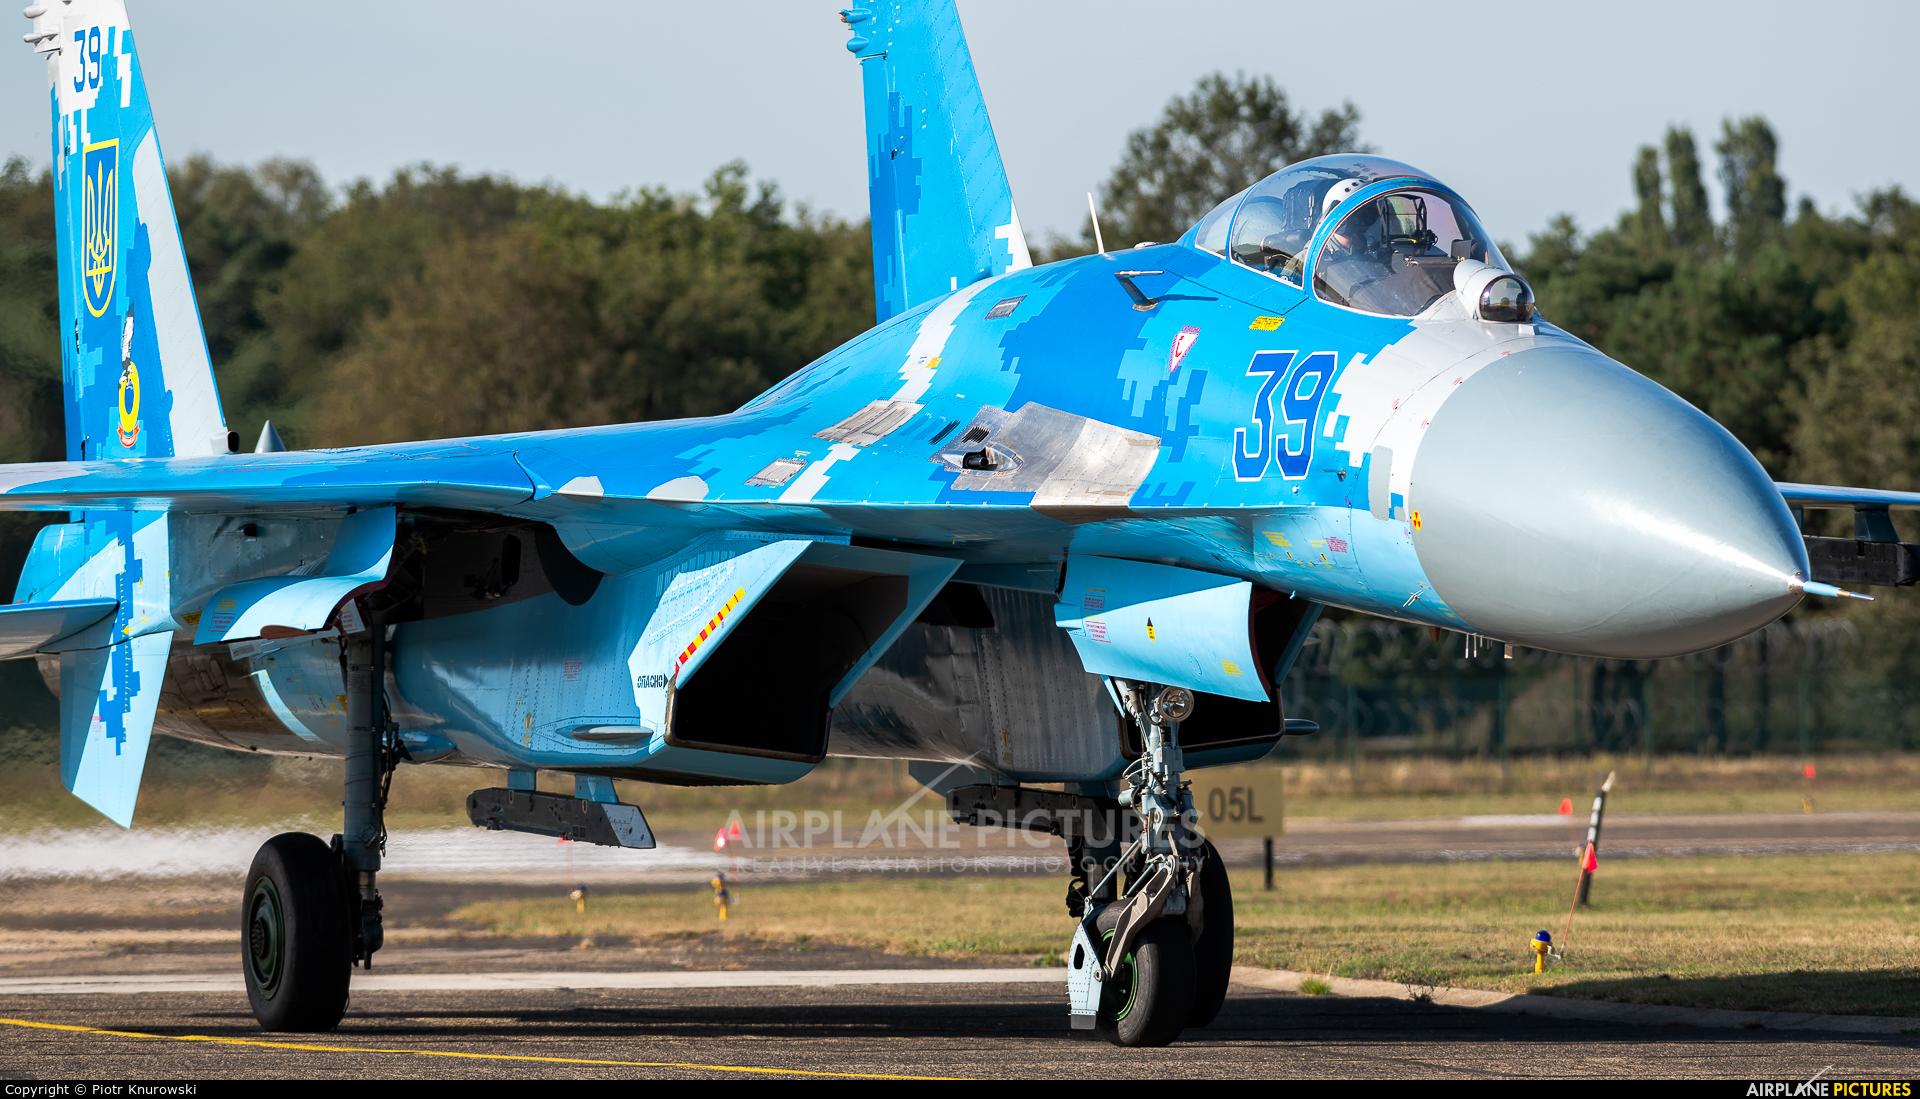 Ukraine - Air Force 39 aircraft at Kleine Brogel